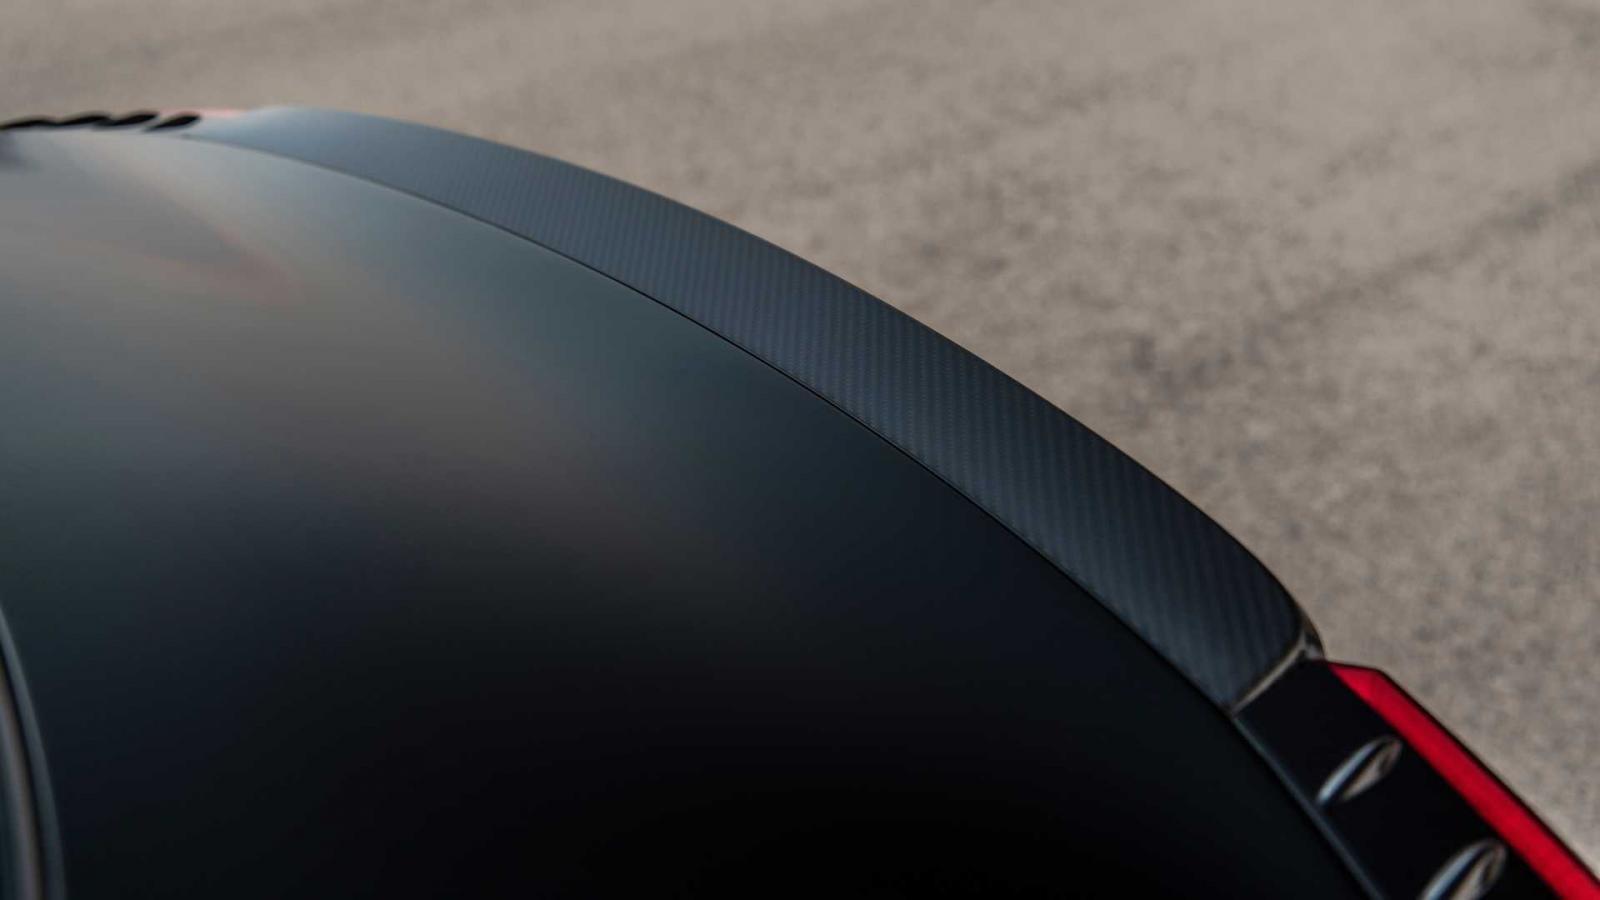 Cánh gió đuôi bằng carbon trên Hyundai Sonata N-Line Night Edition 2022.